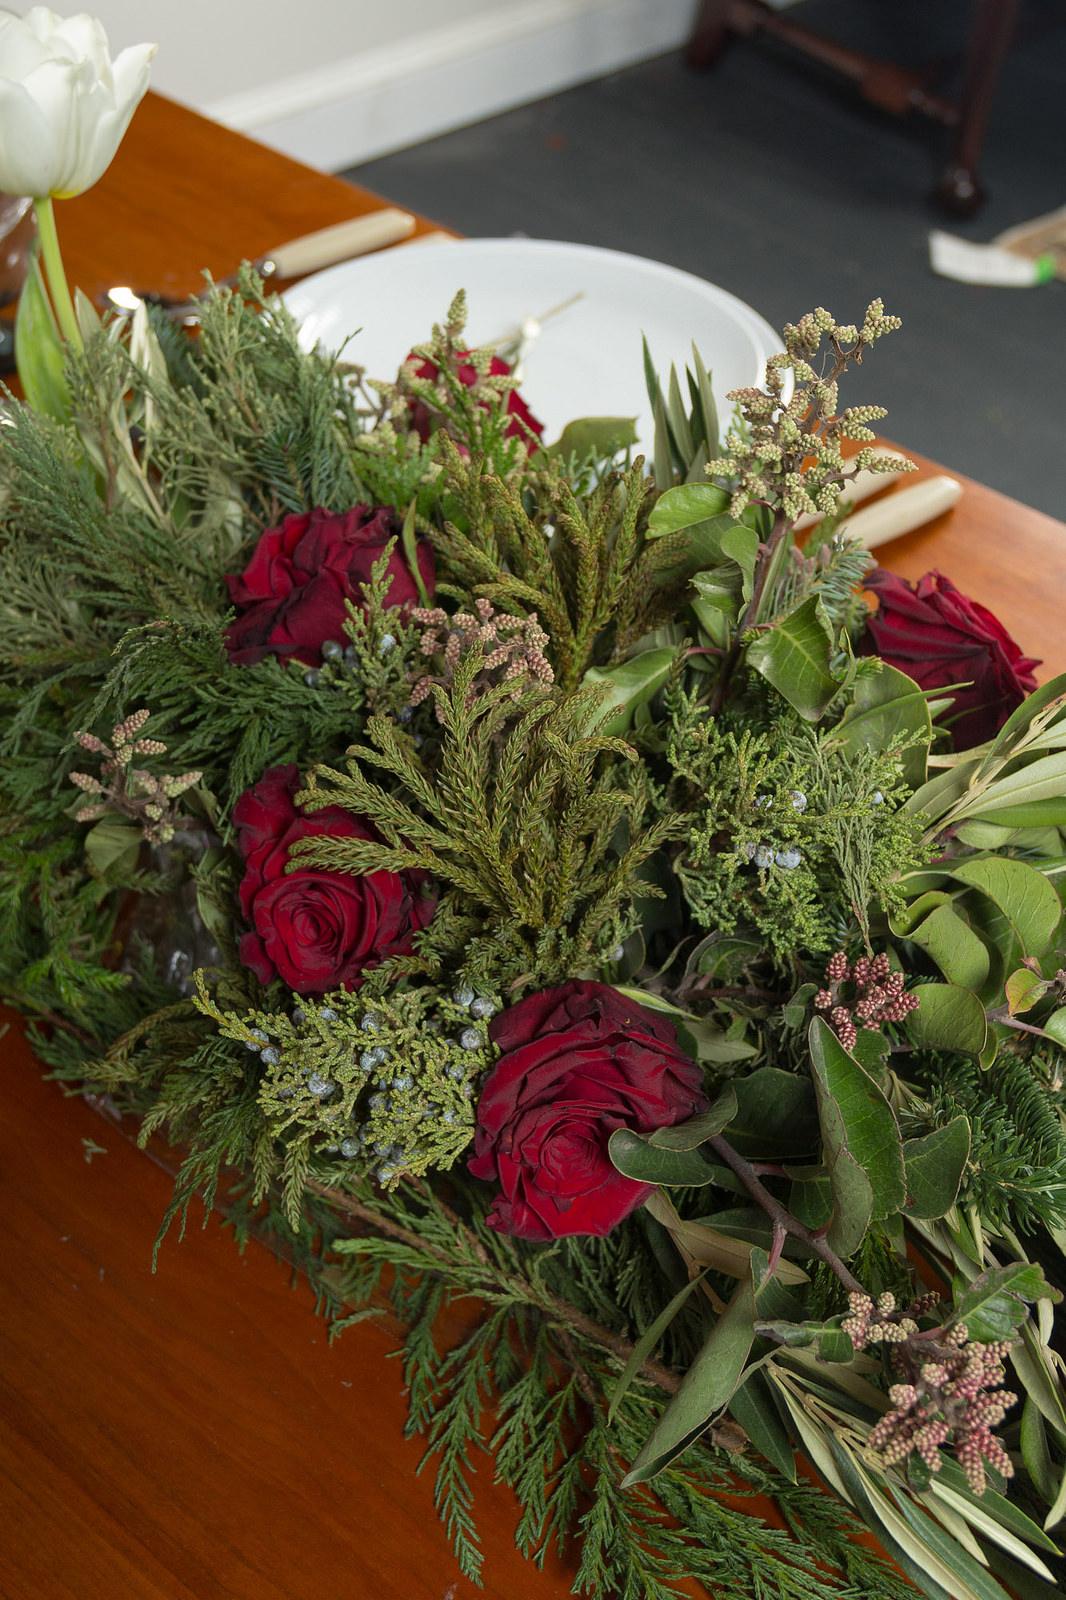 Observatory Boutique rose, cedar, juniper centerpiece